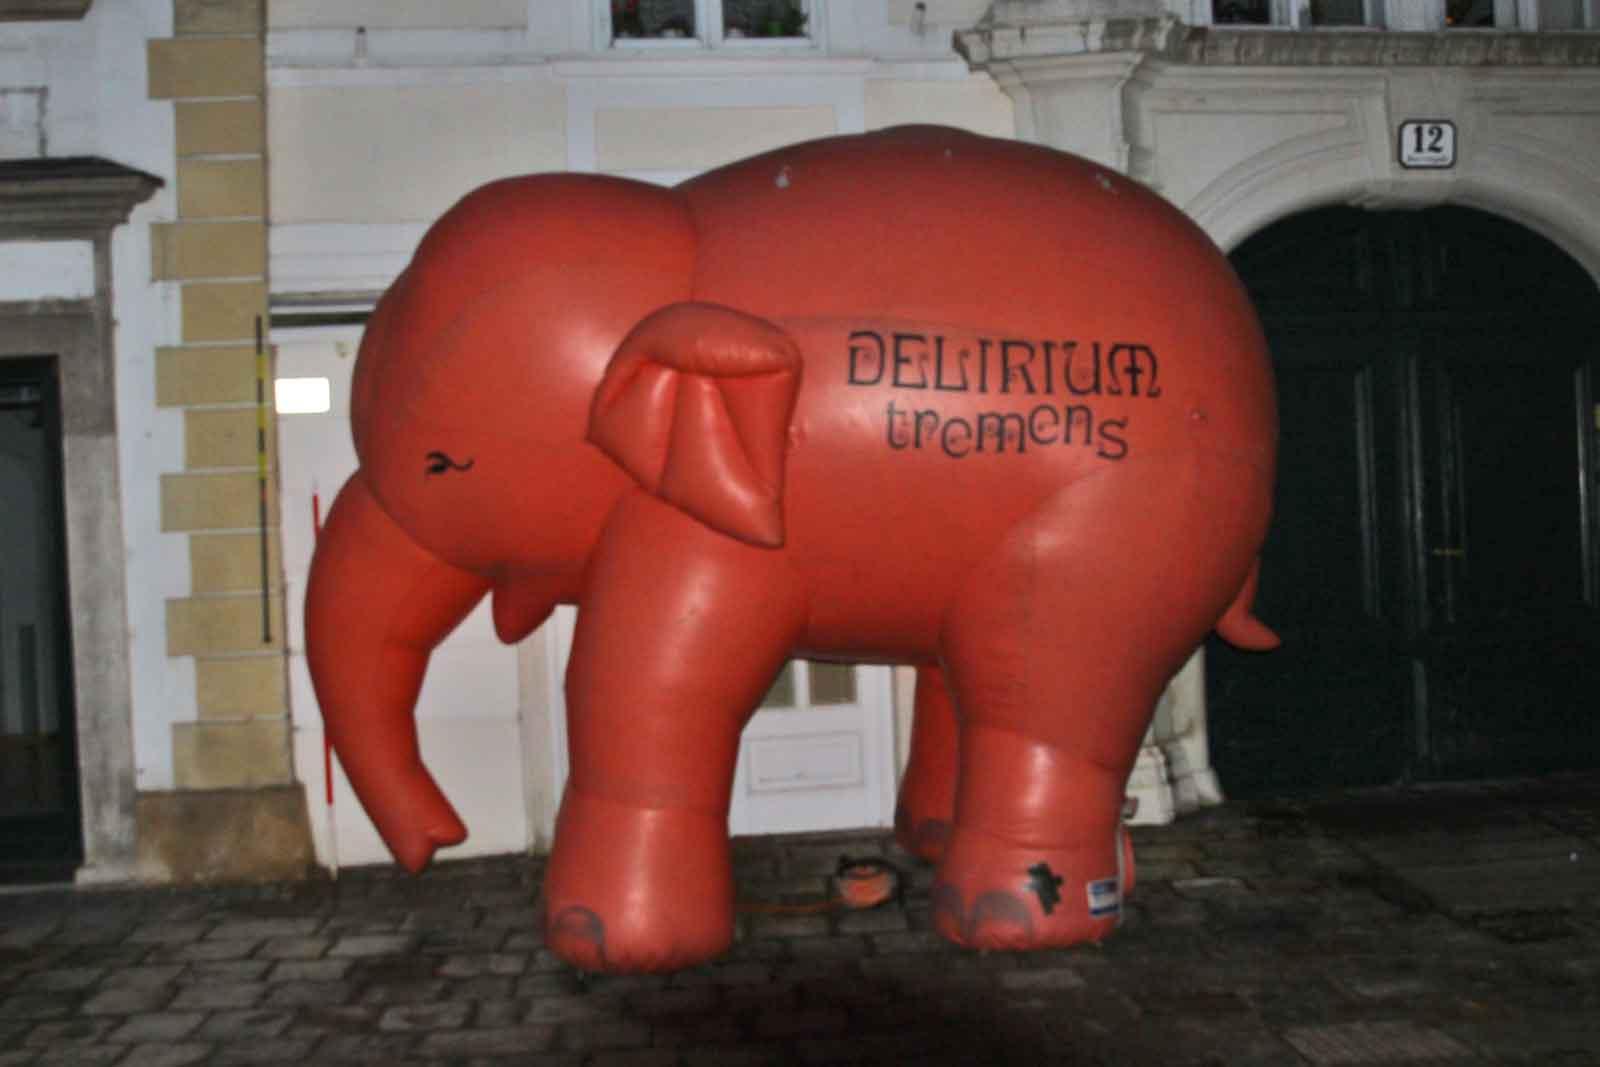 30.Delirium Cafe in Wien feierlich eröffnet